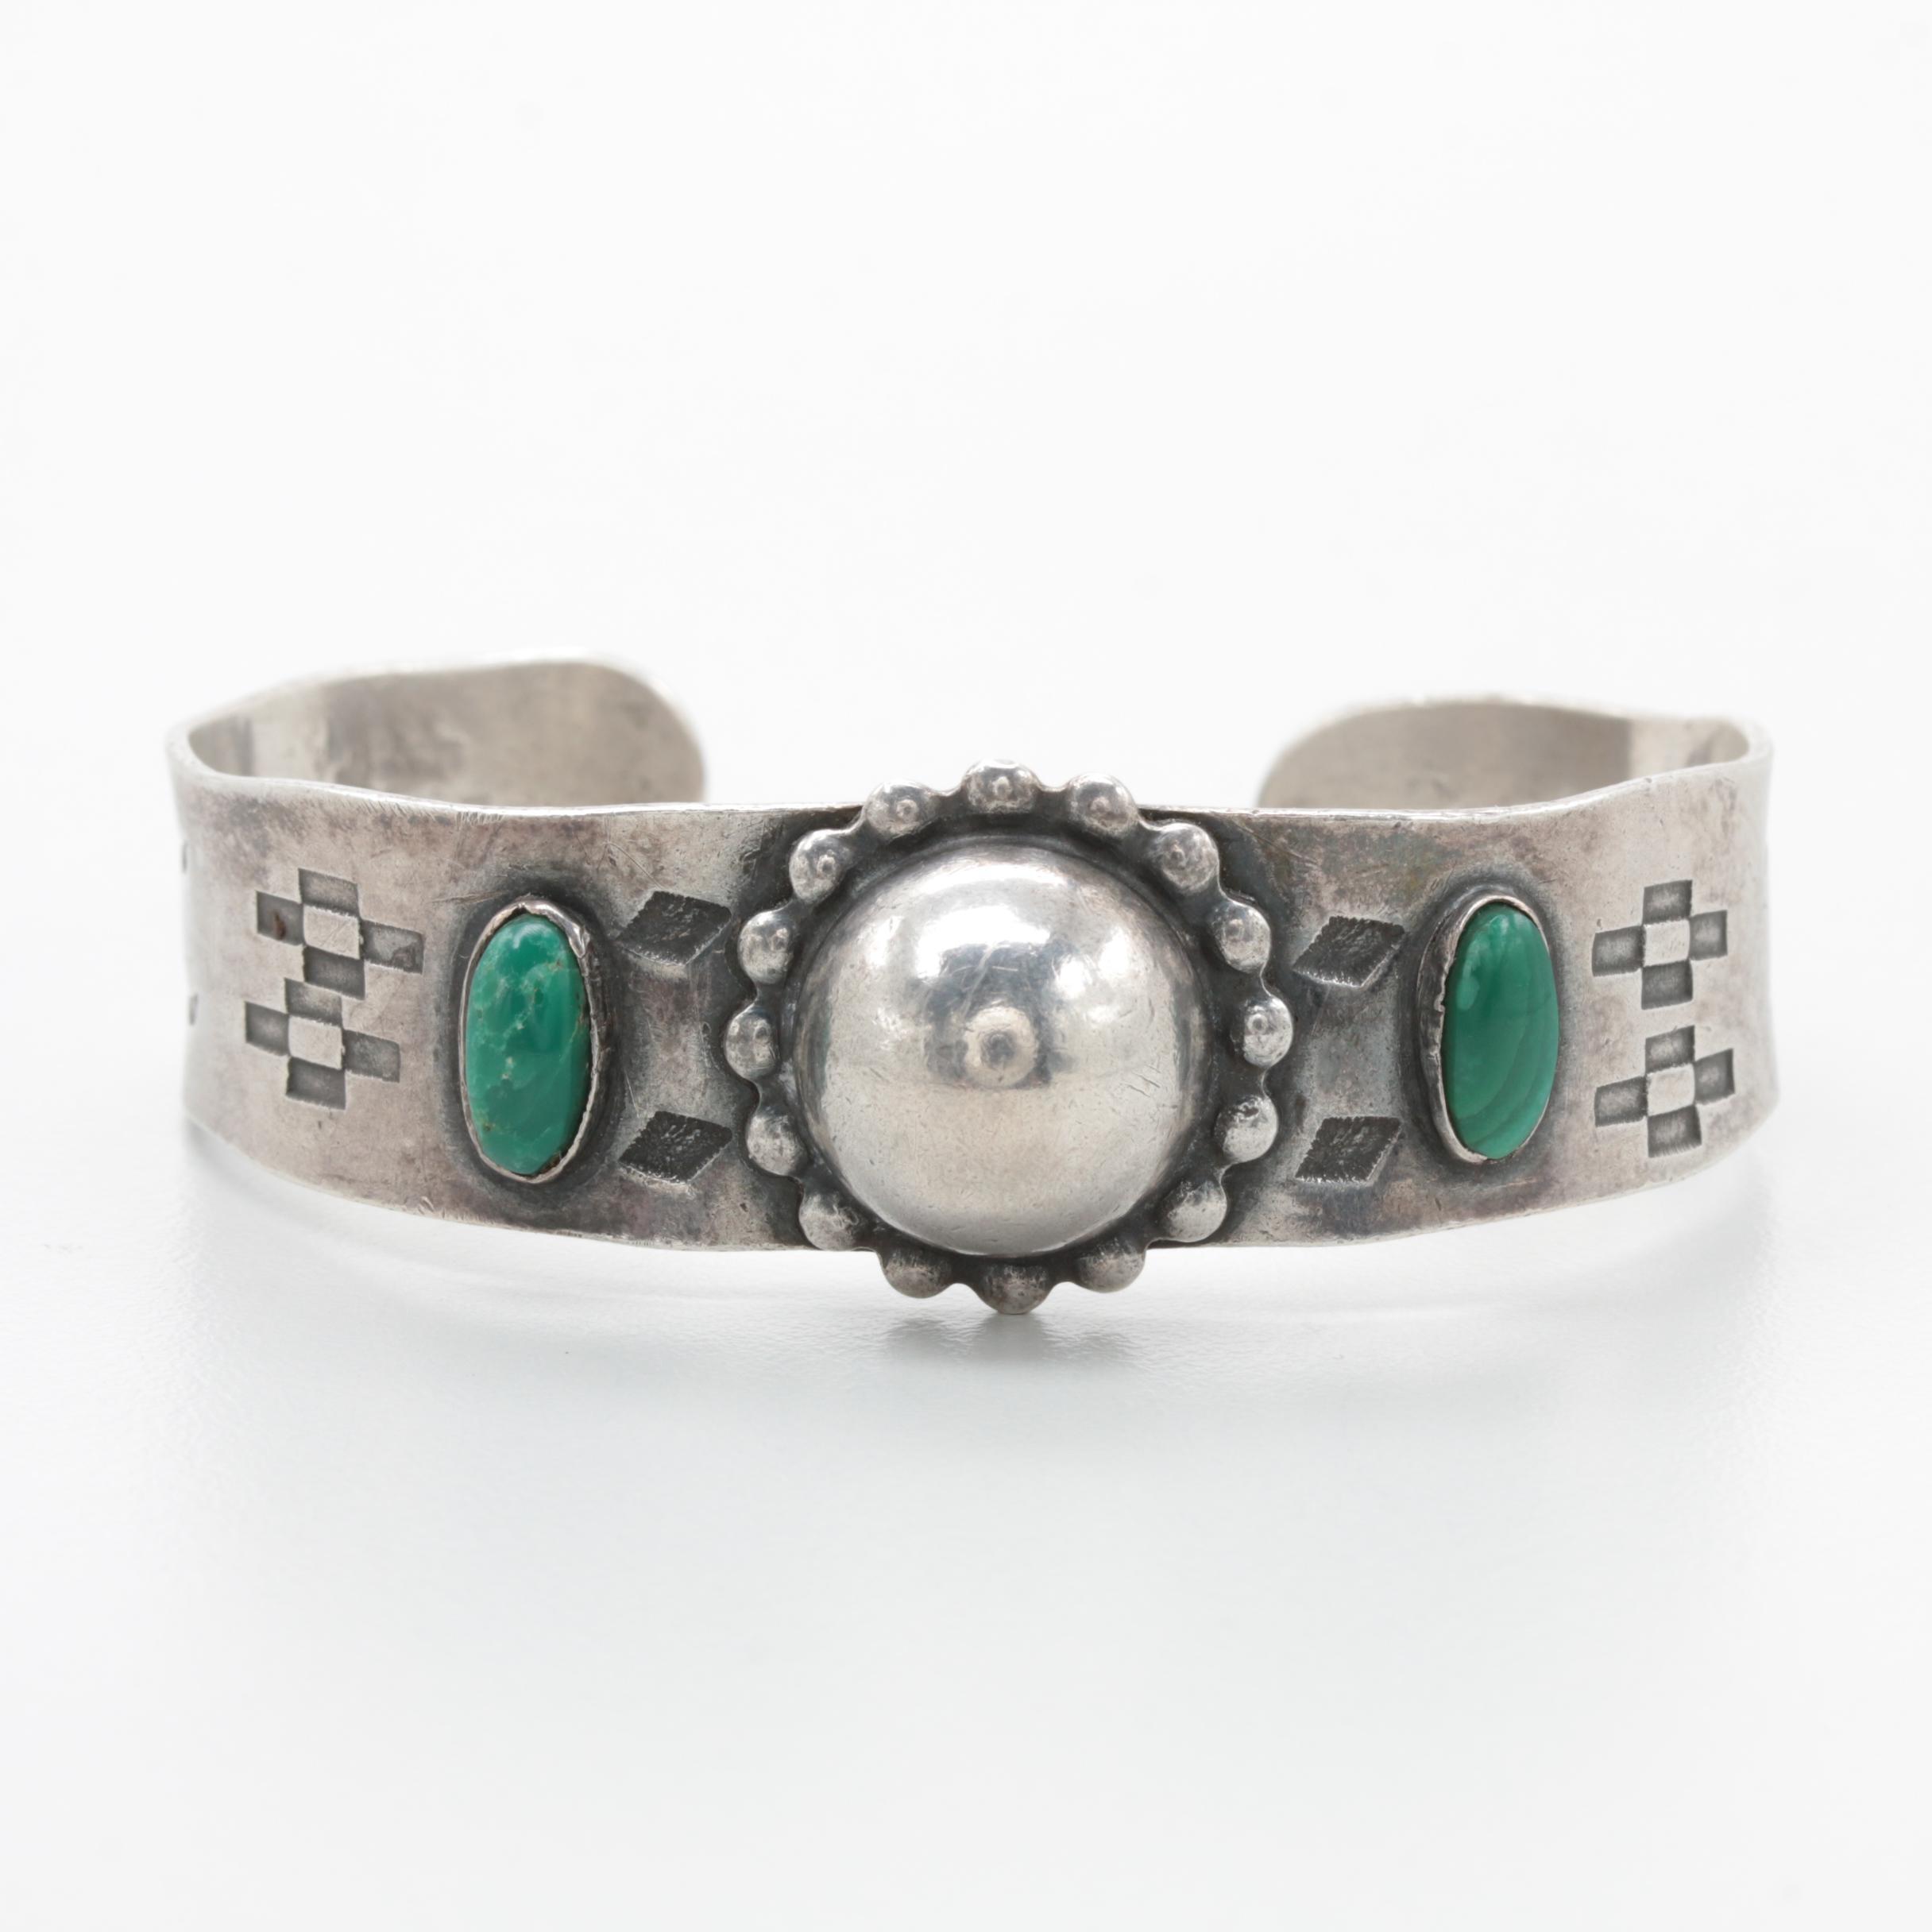 Vintage Southwestern Style Sterling Silver Chrysocolla Cuff Bracelet